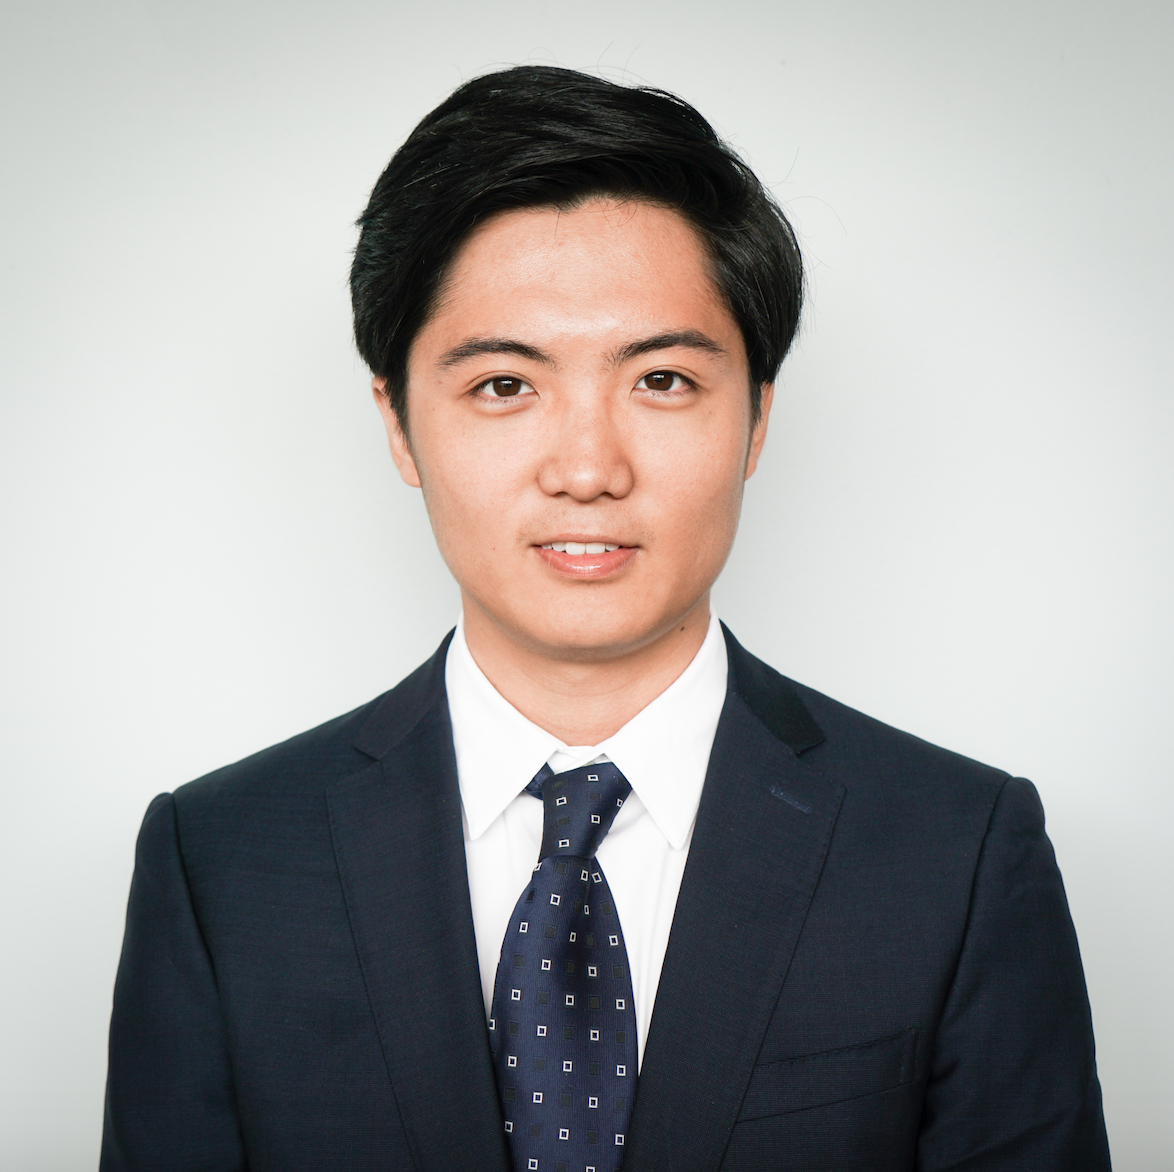 Аватар - Shiwei Zhai